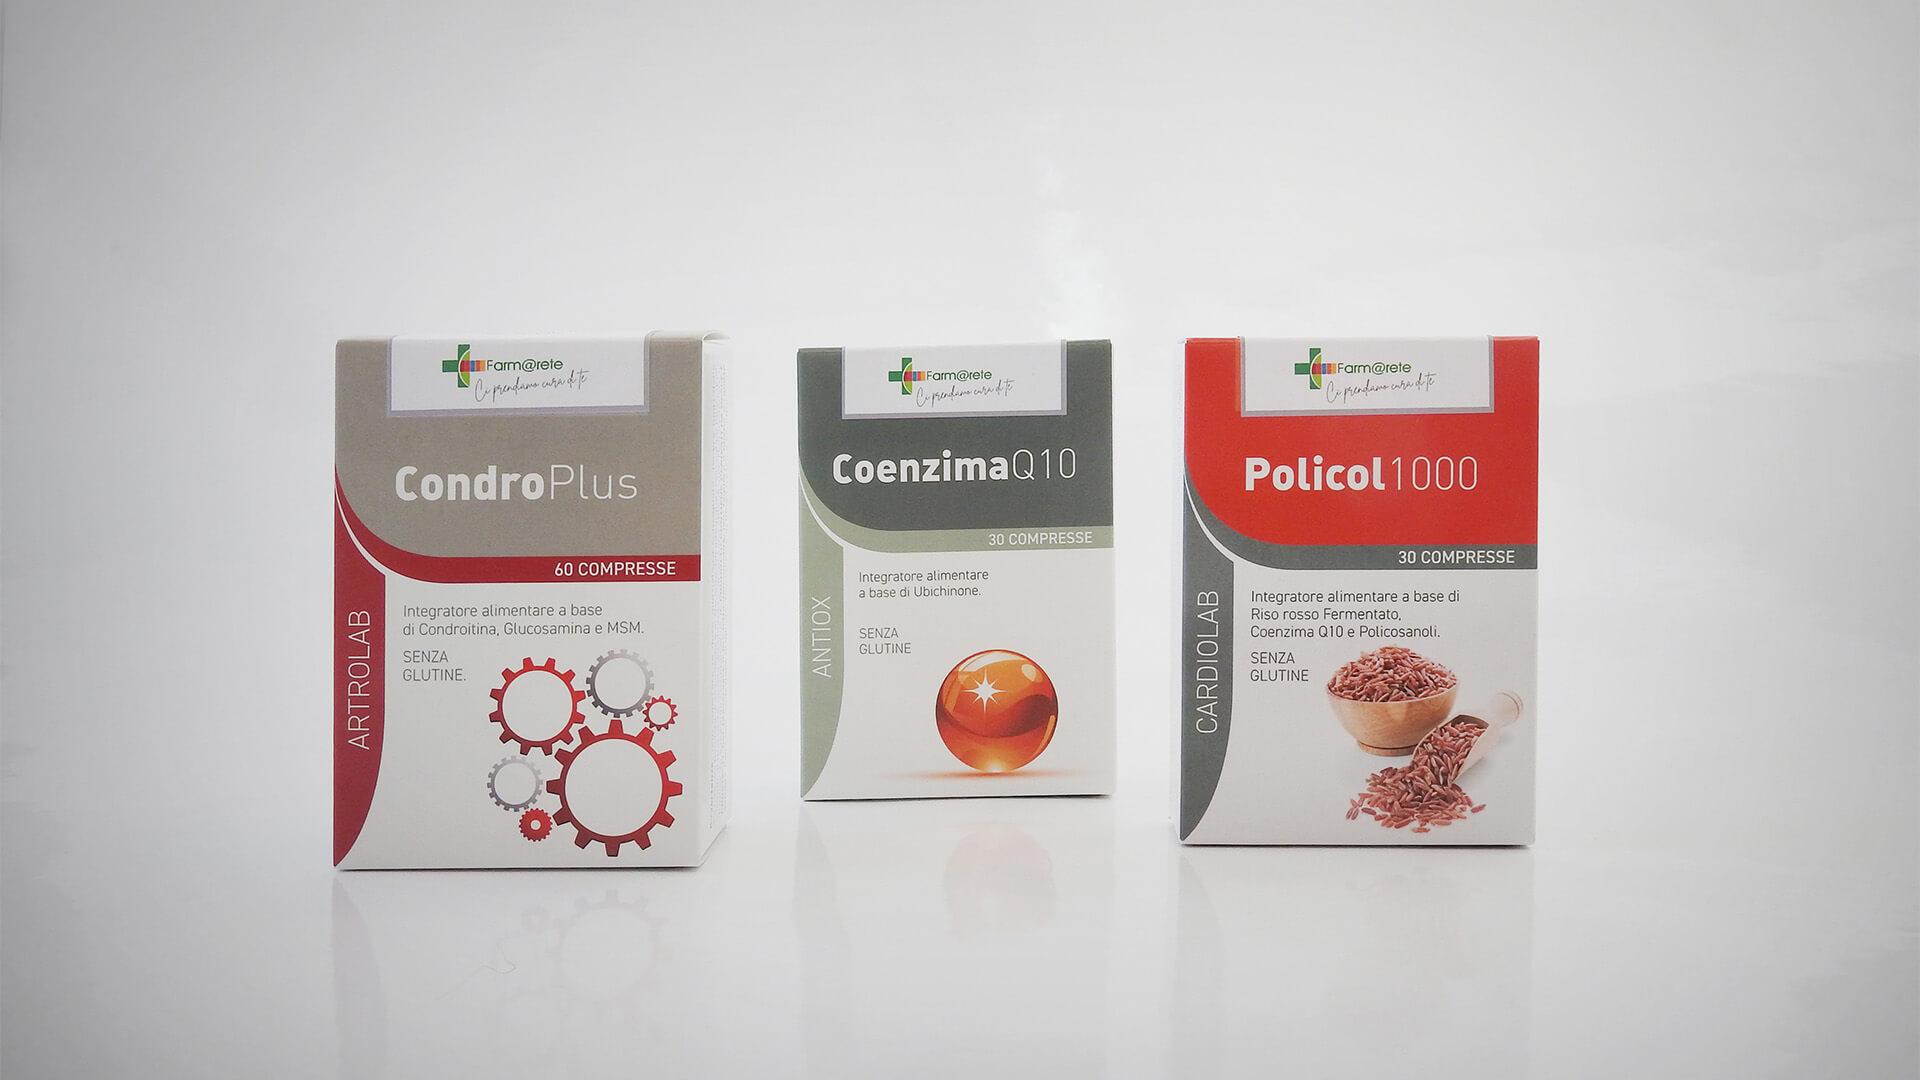 Farmarete prodotto